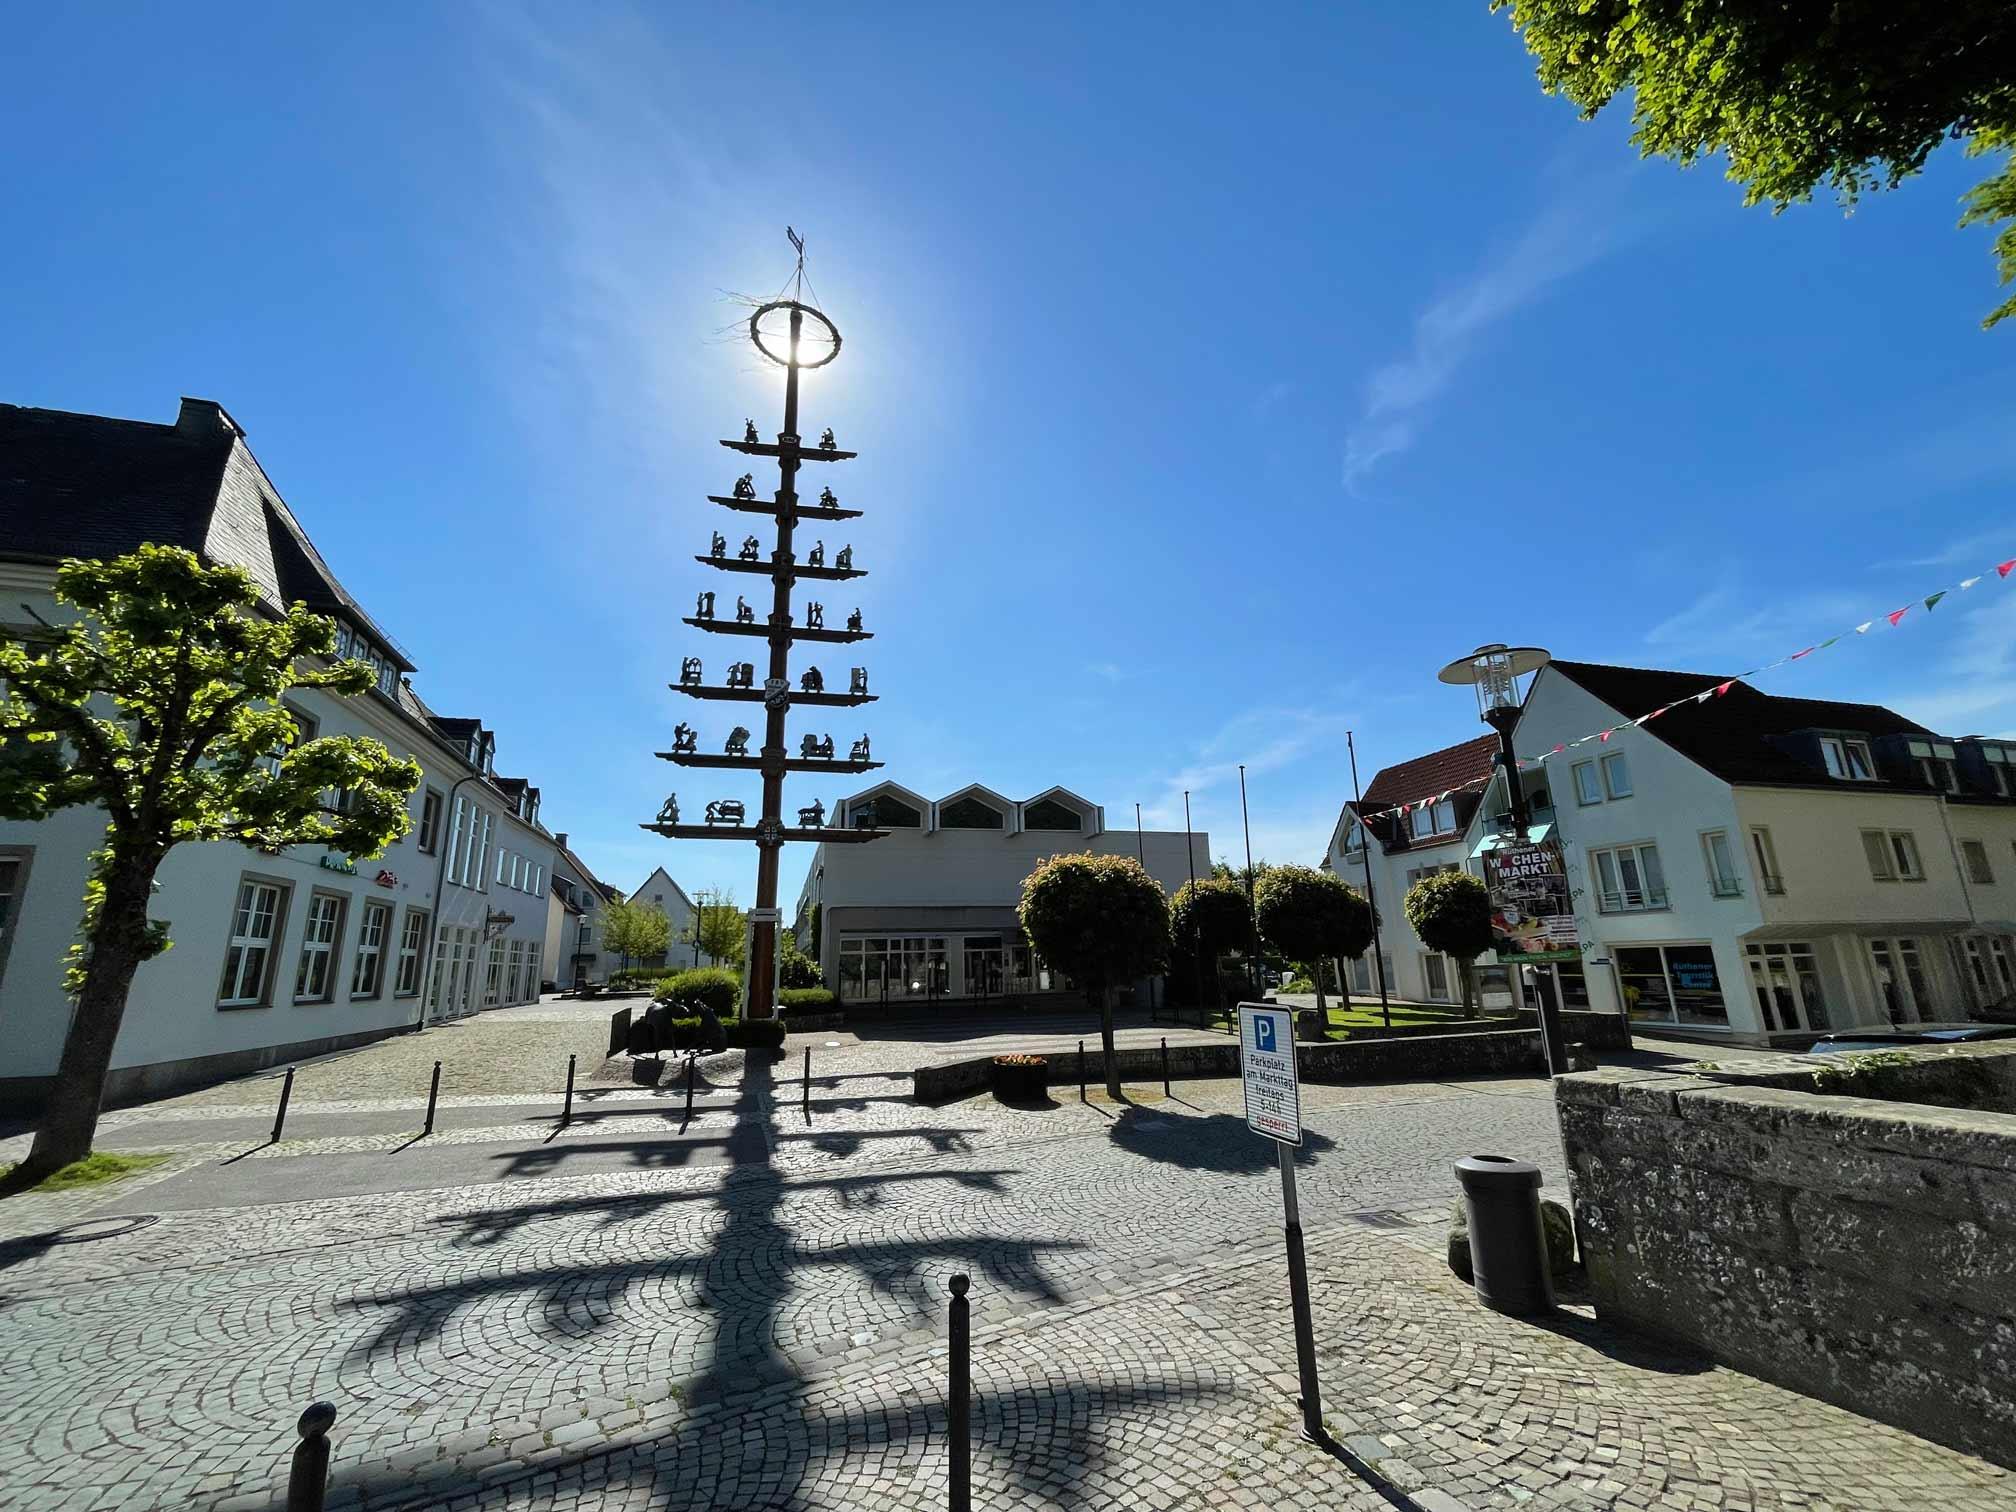 Sanierungsgebiet Kernstadt Rüthen